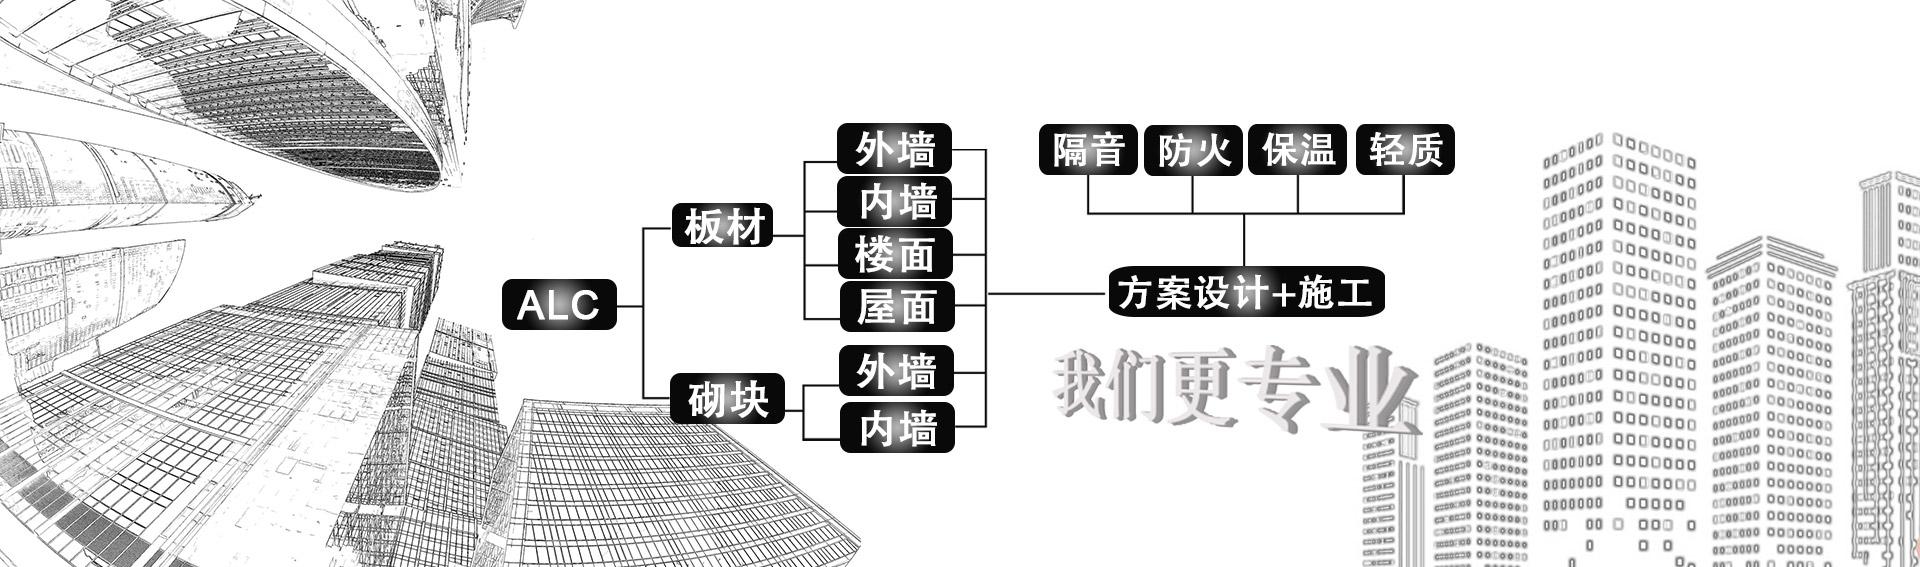 上海屹通建筑装饰工程有限公司